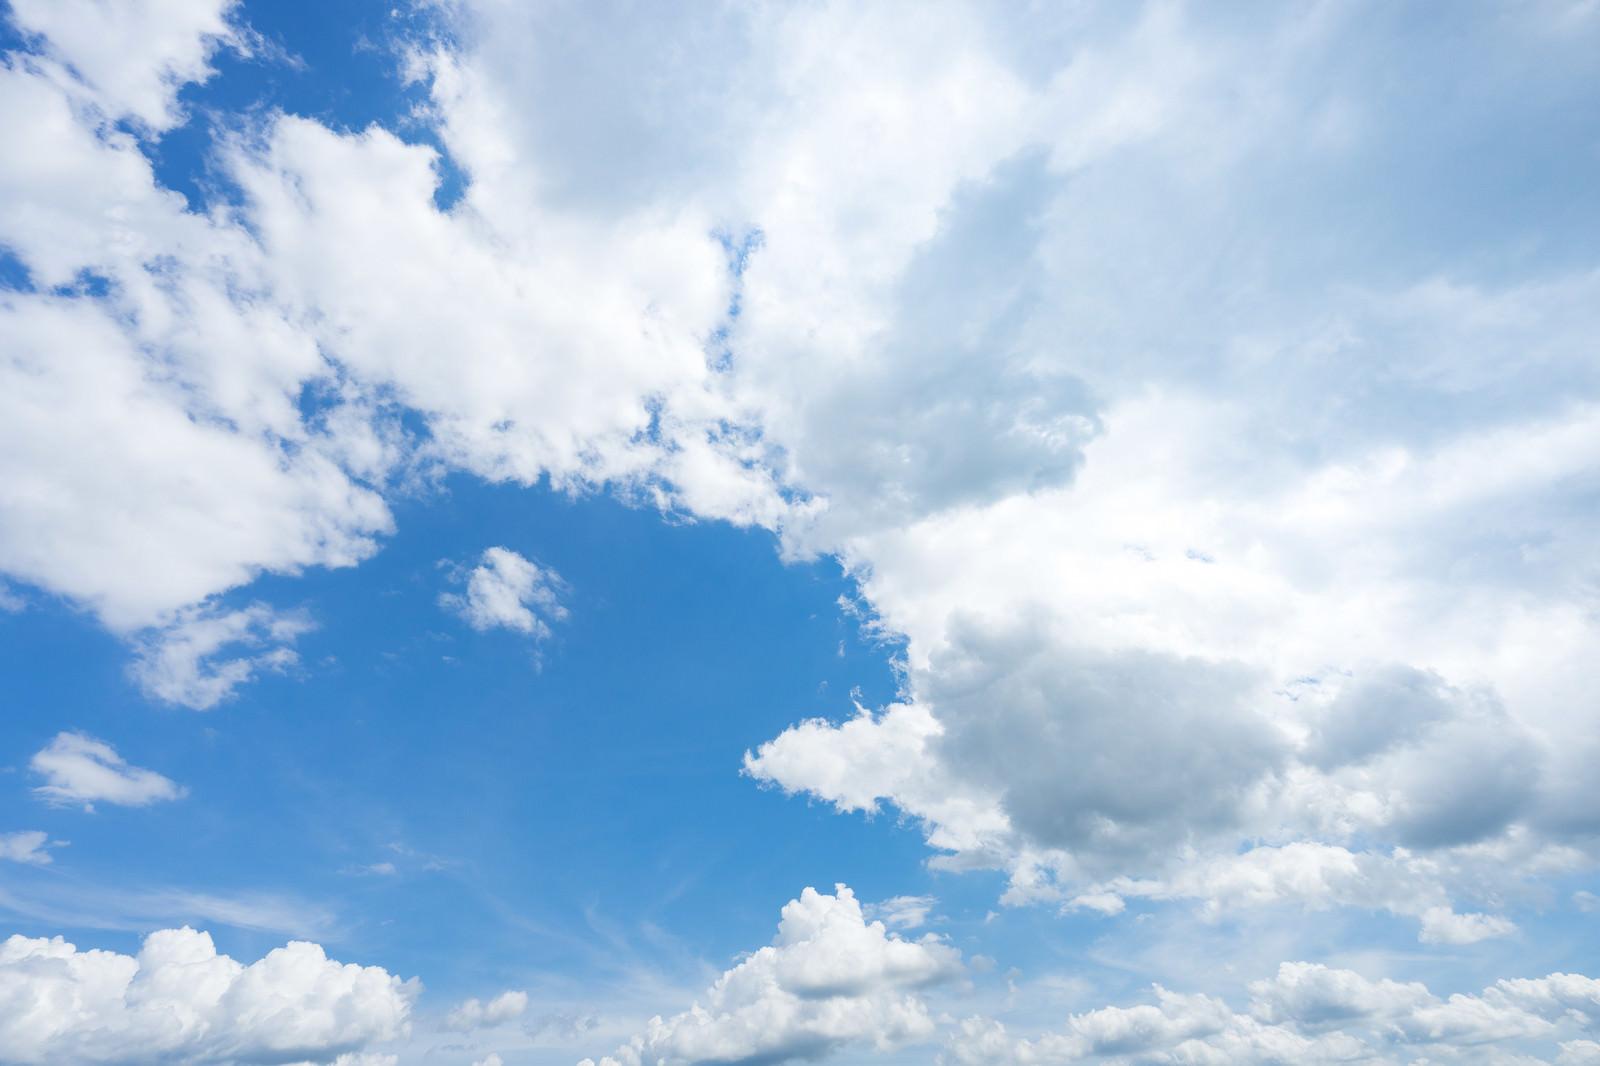 「晴れ日の青空と雲 | 写真の無料素材・フリー素材 - ぱくたそ」の写真